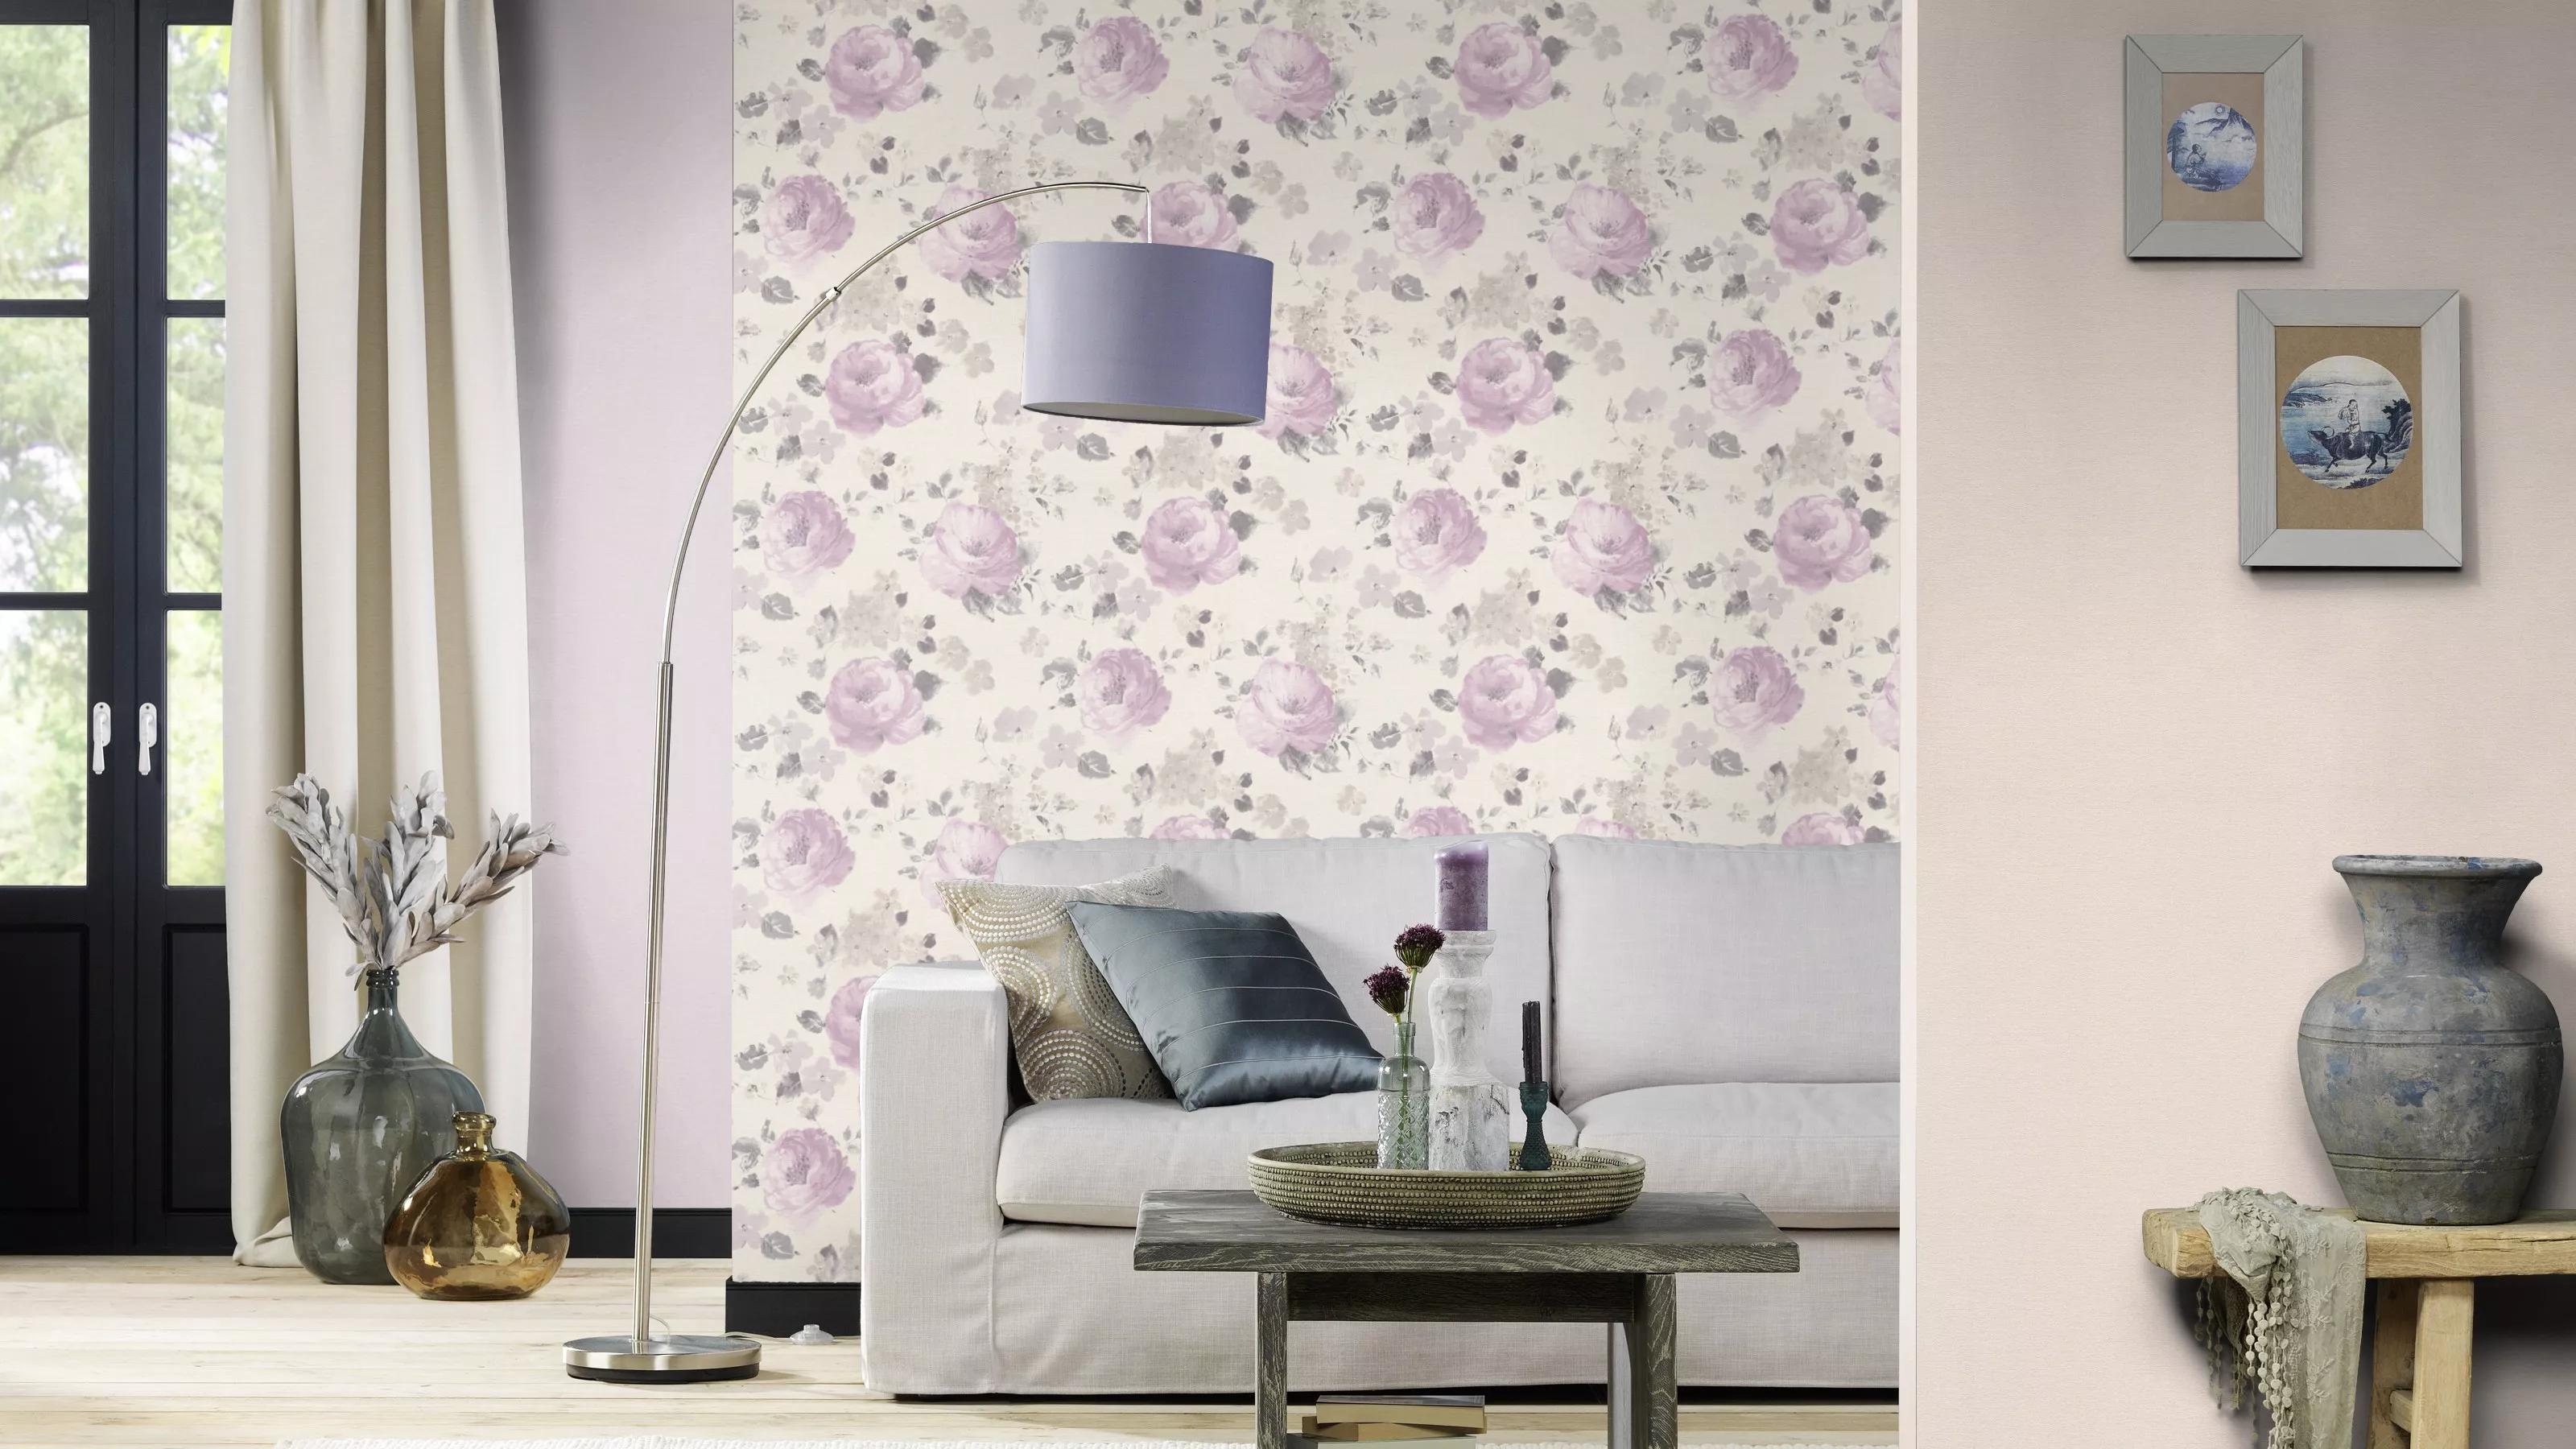 Lila-rózsaszín festett akvarell hatású virágmintás tapéta